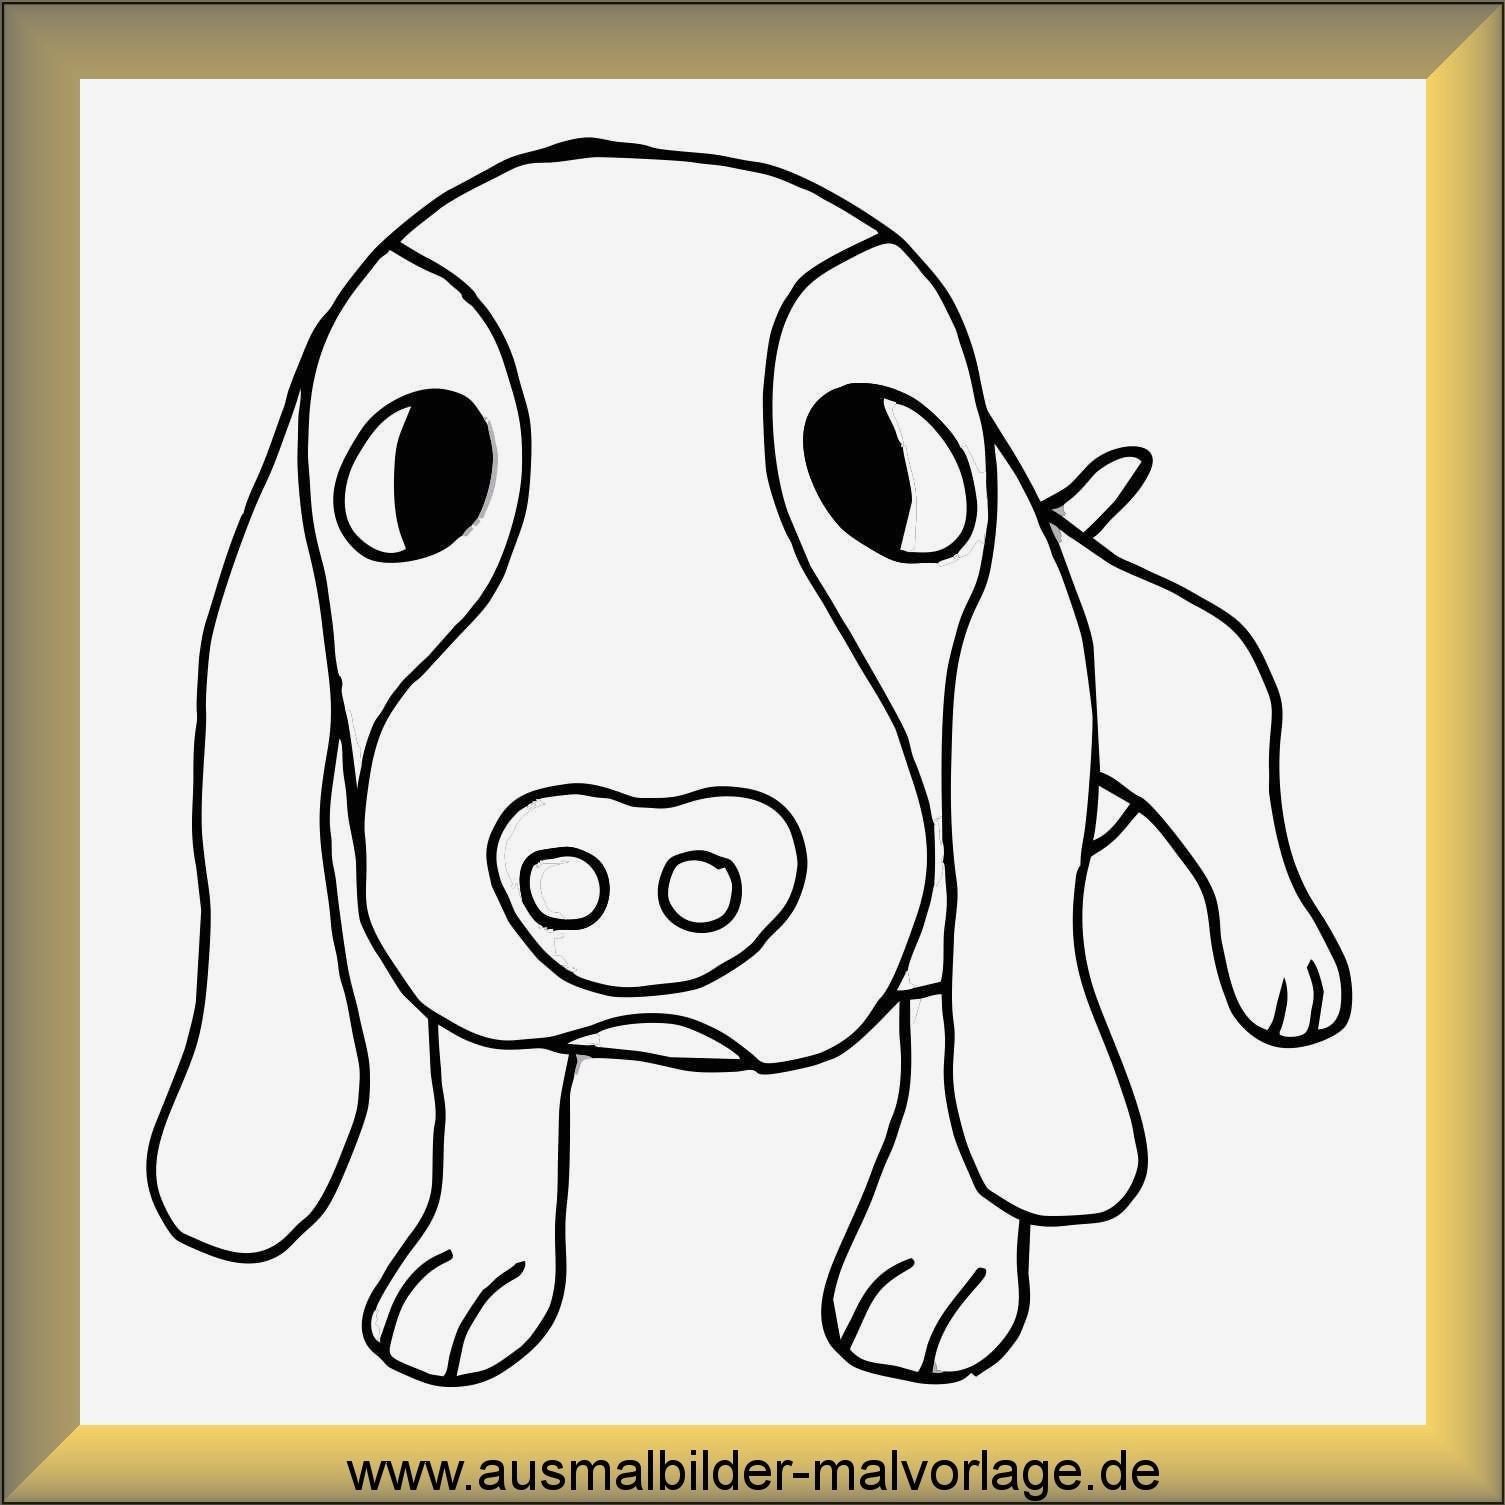 Ausmalbilder Hund Und Katze Genial Bildergalerie & Bilder Zum Ausmalen Ausmalbilder Hund Und Pferd Stock